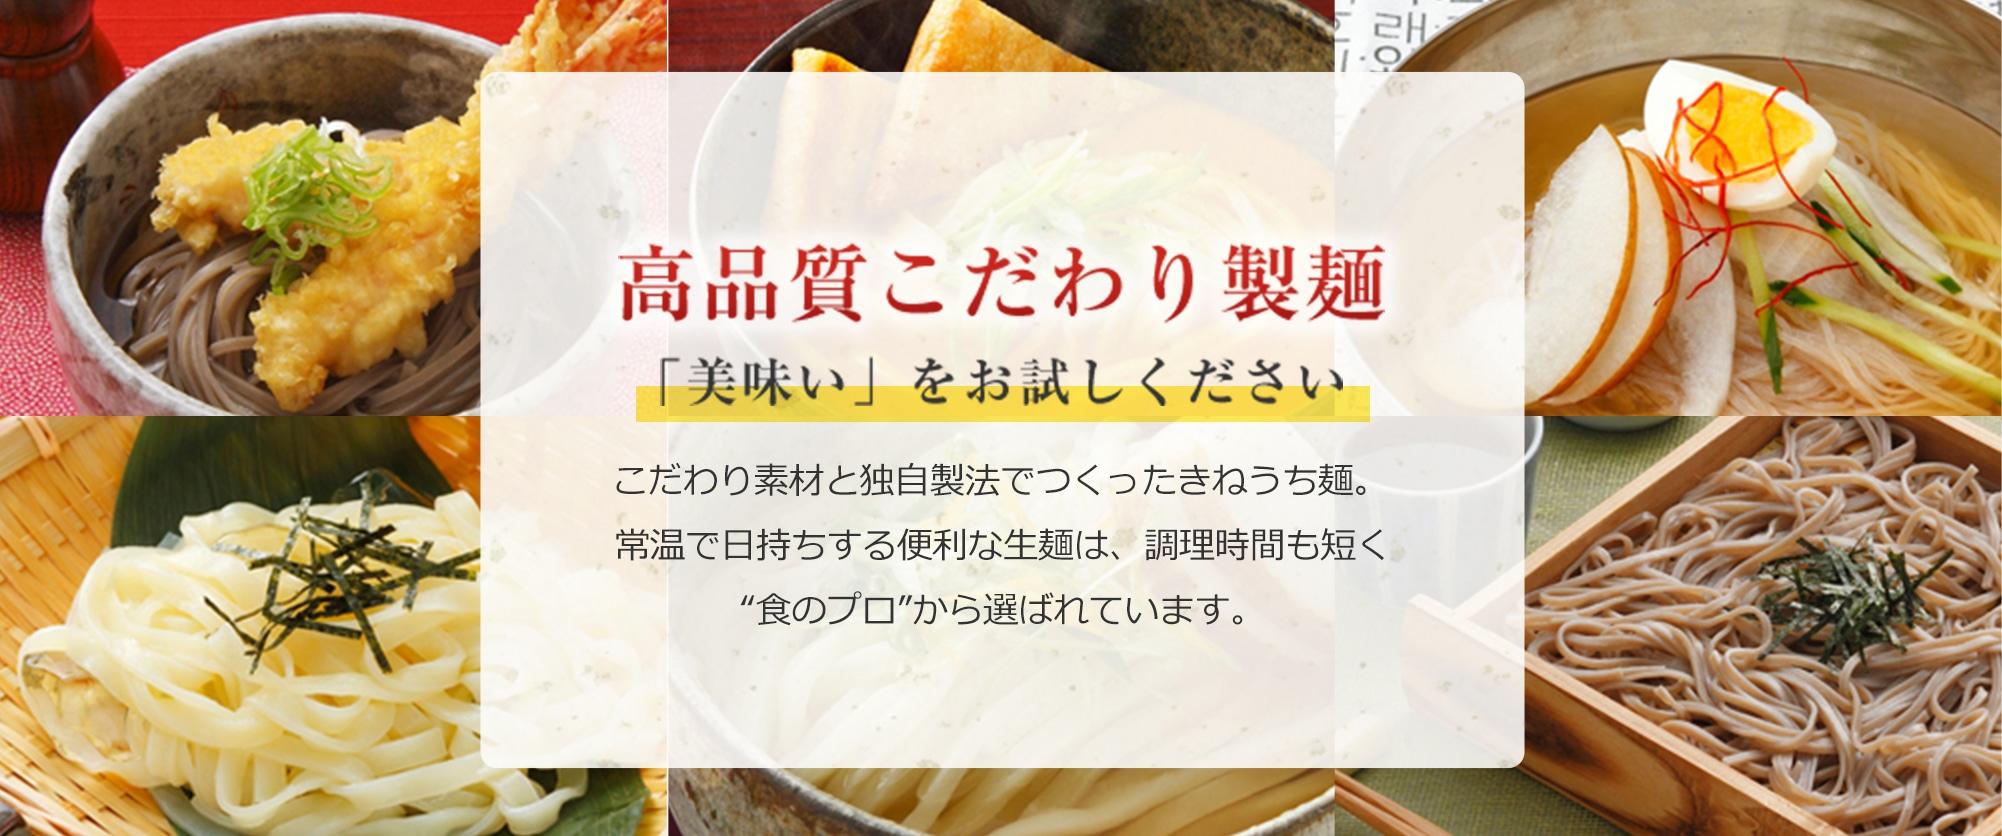 """高品質こだわり製麺 「美味い」をお試しください こだわり素材と独自製法でつくったきねうち麺。常温で日持ちする便利な生麺は、調理時間も短く""""食のプロ""""から選ばれています。"""